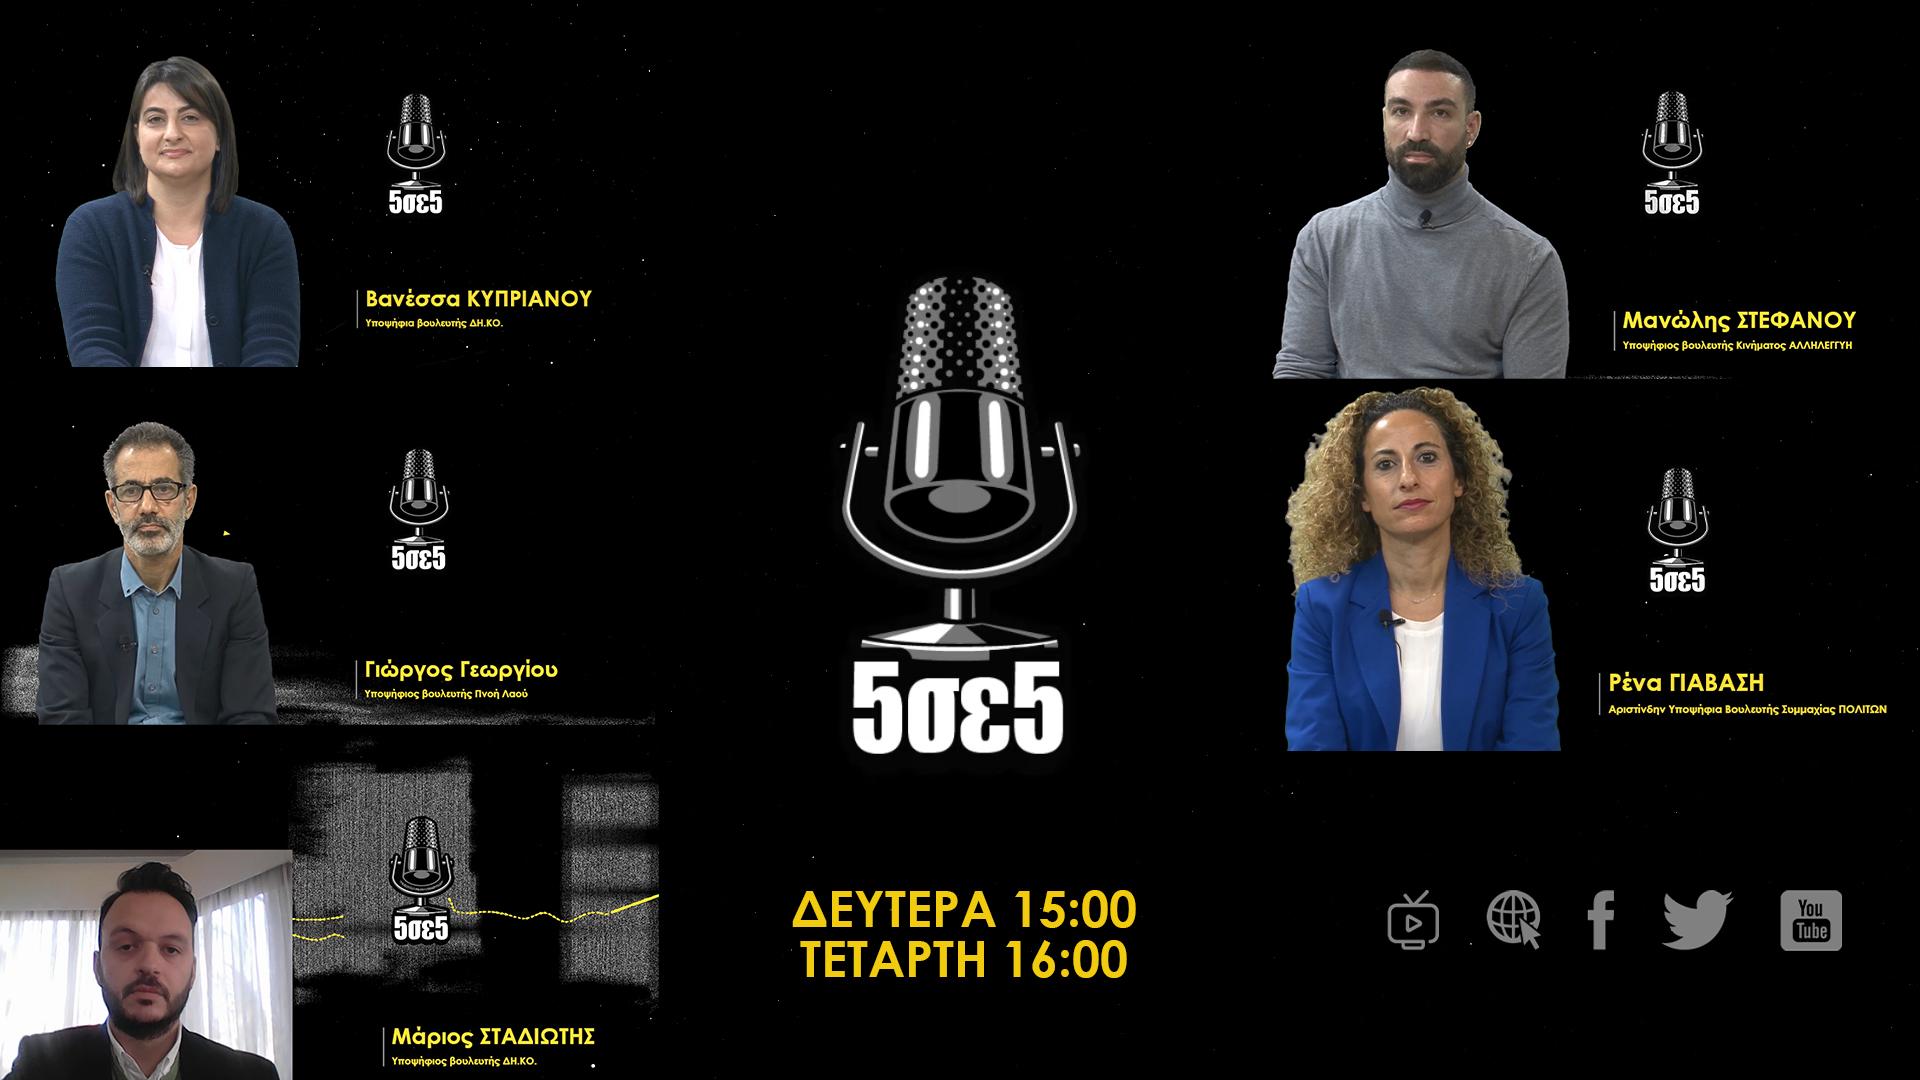 5 σε 5 – Επεισόδιο 7 | 22 Μαρτίου 2021